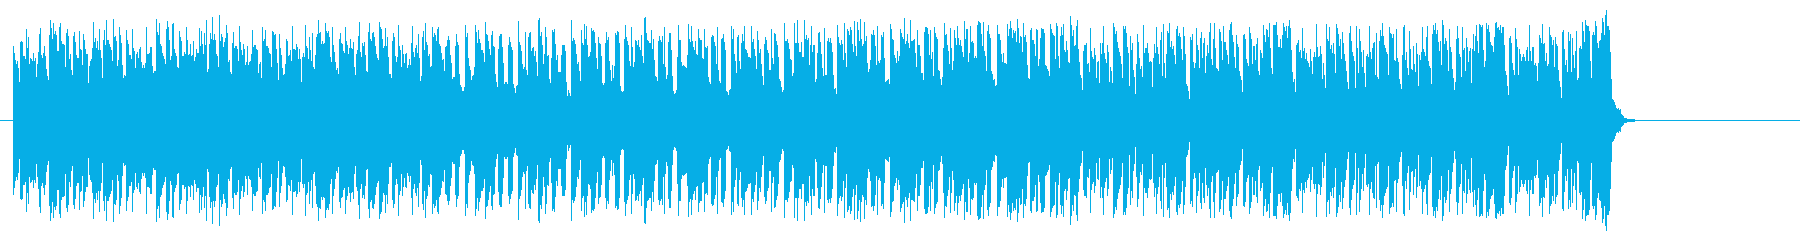 活力溢れるテクノ/ポップの再生済みの波形